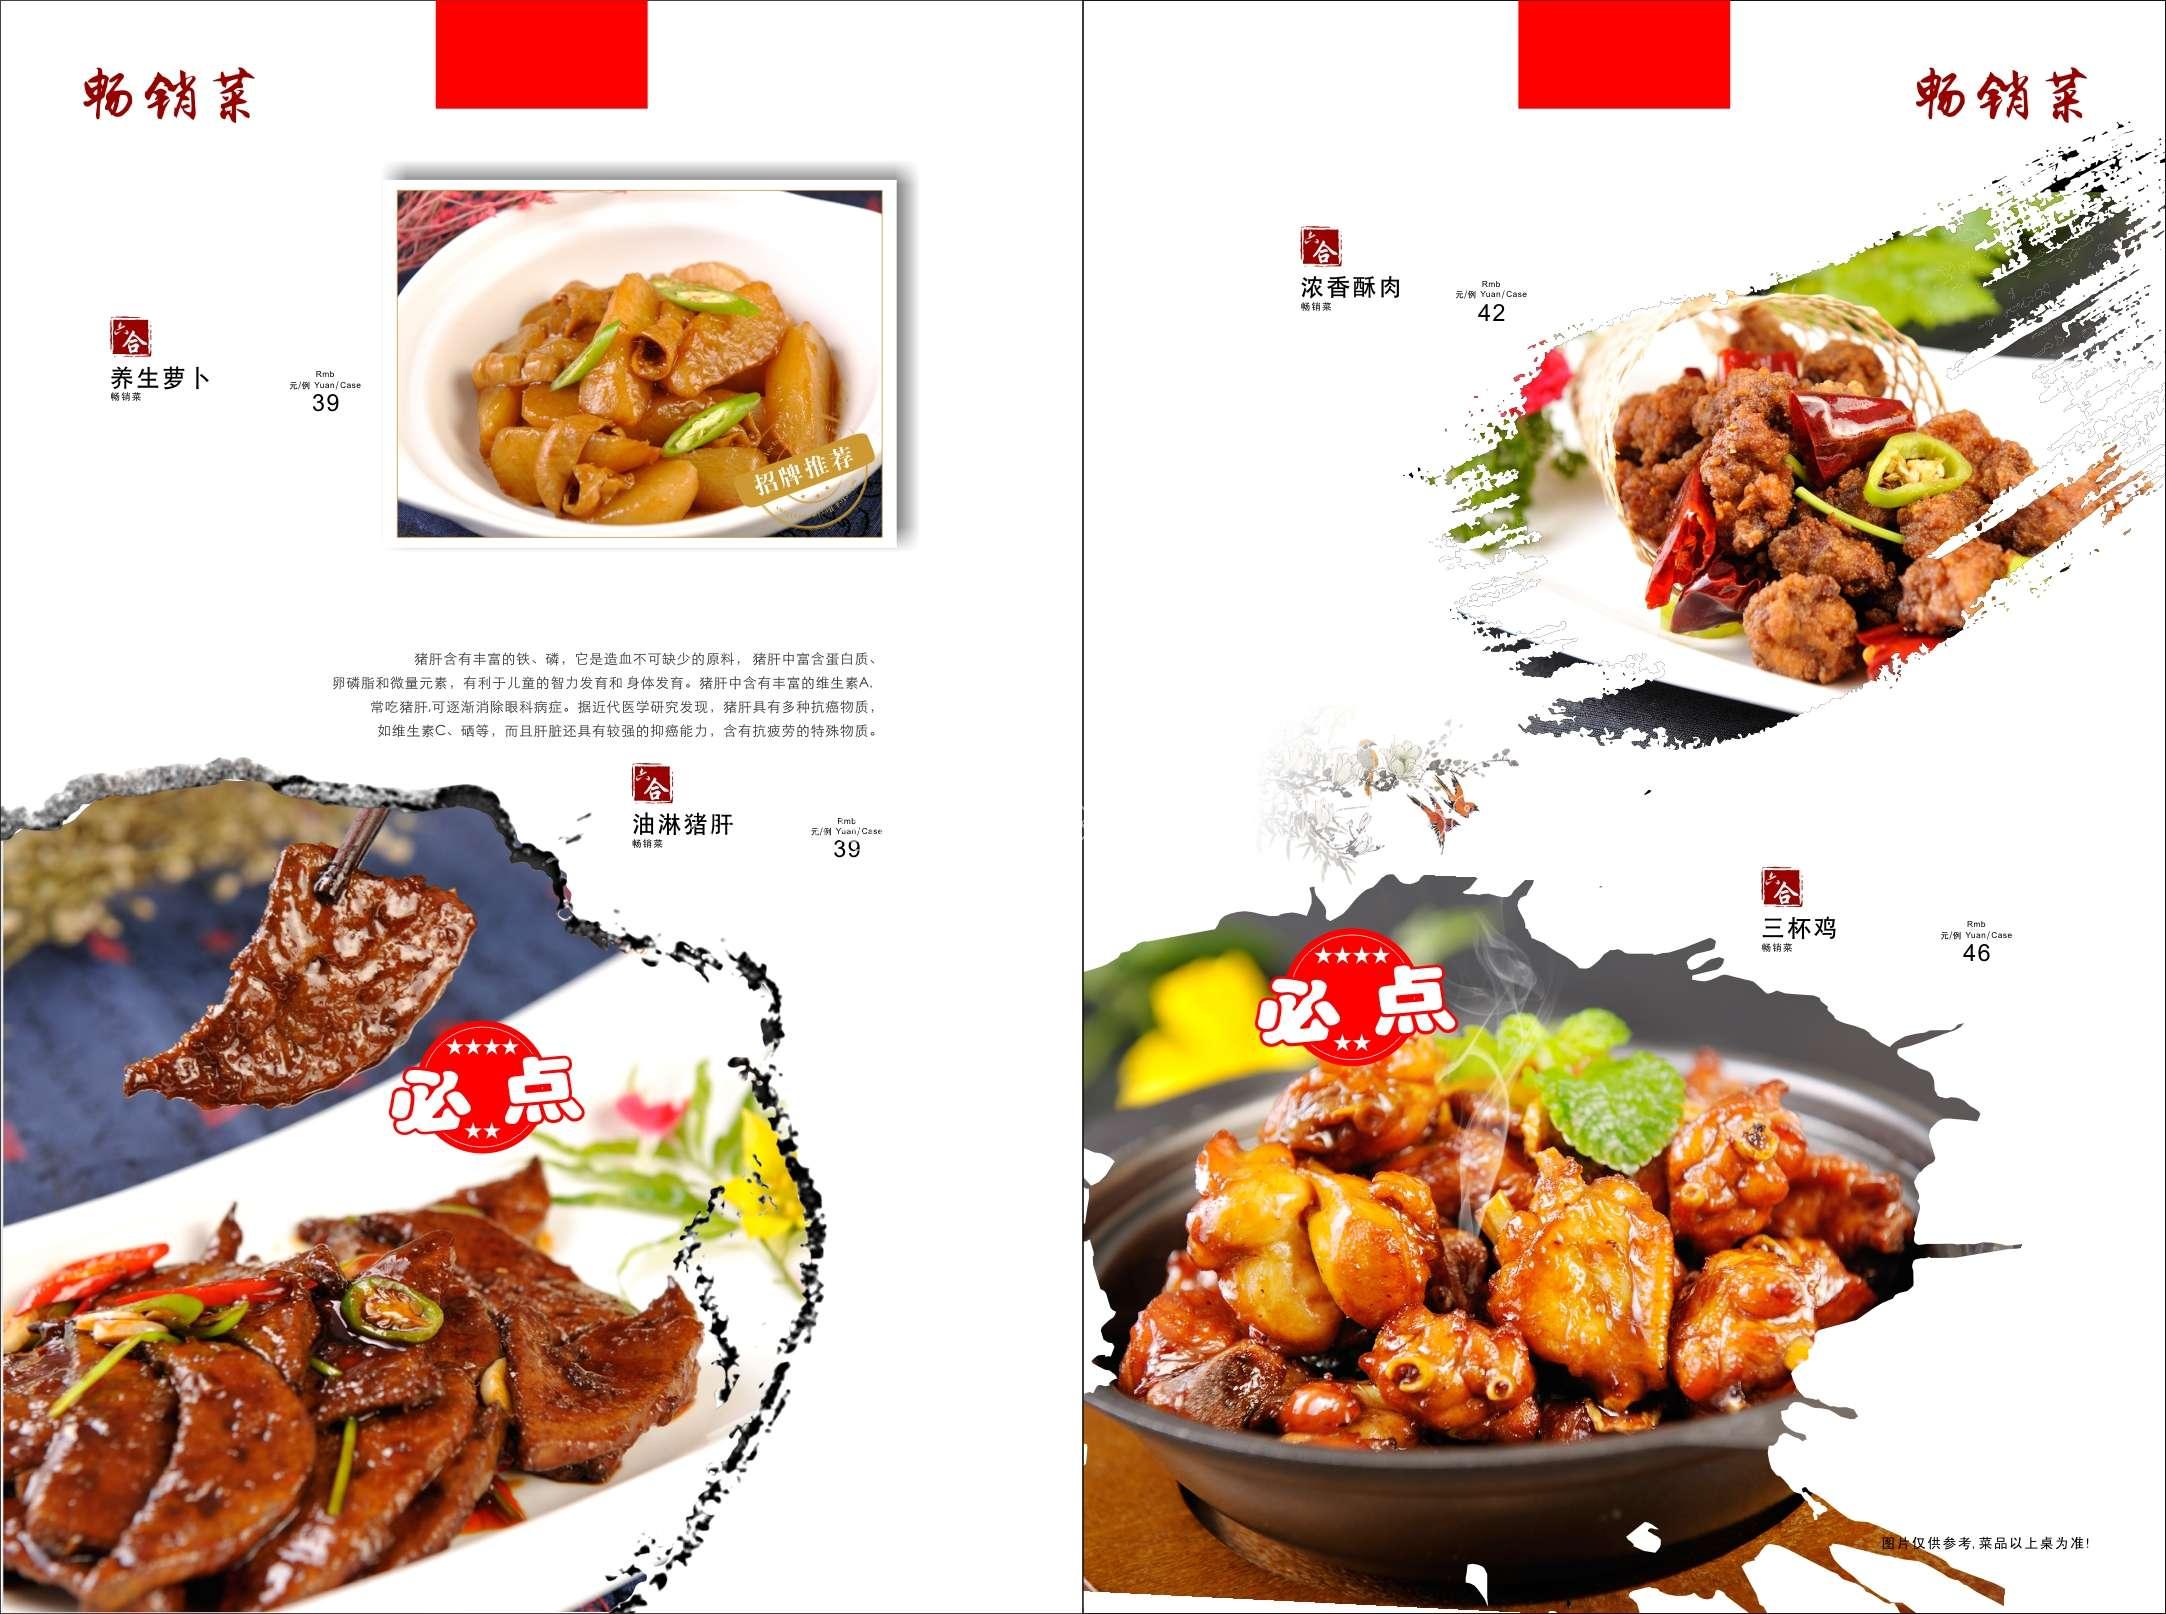 中餐菜谱设计制作